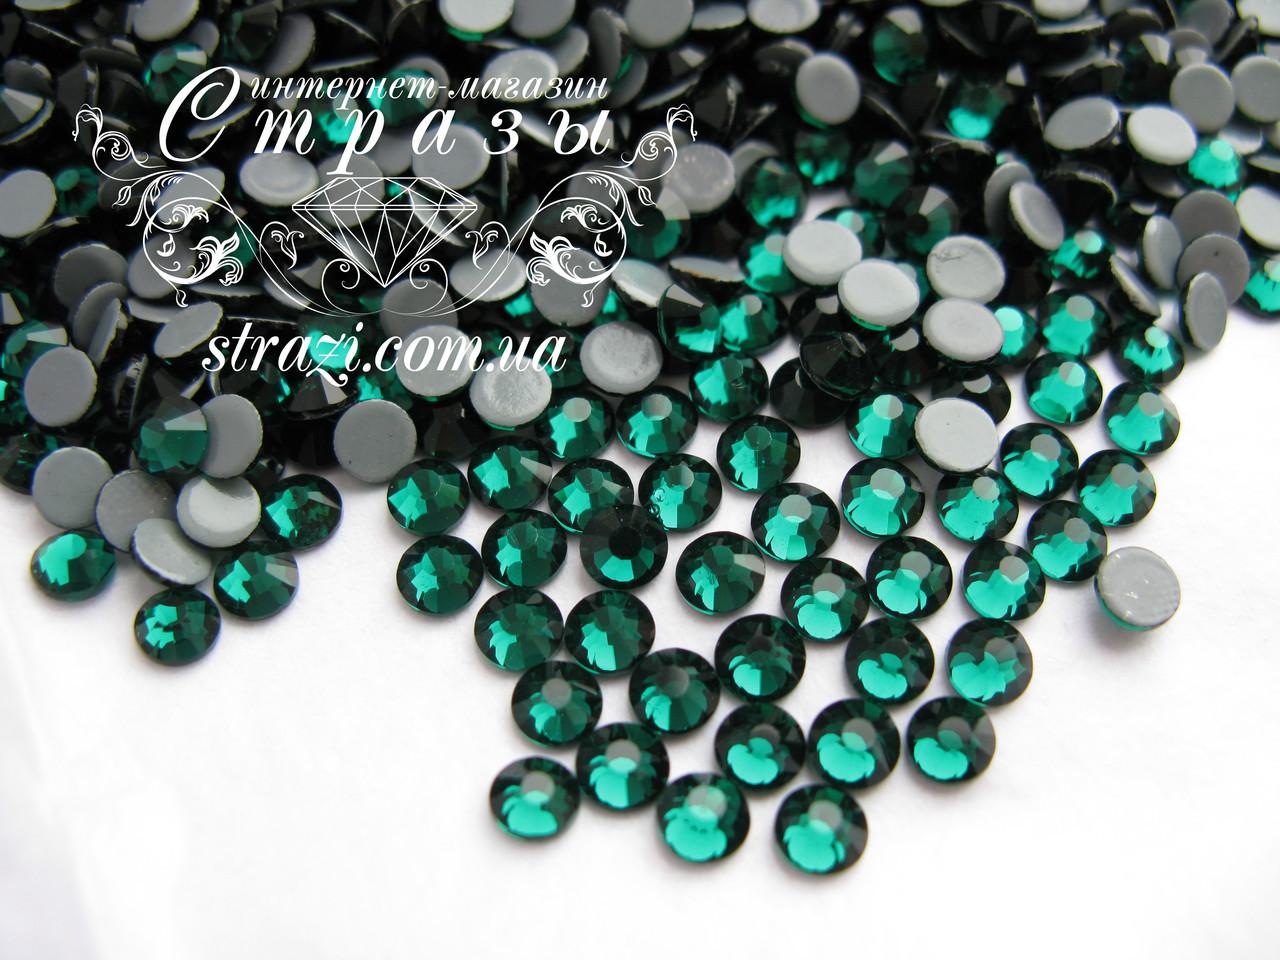 Термо стразы Lux ss16 Emerald (4.0mm) 100шт